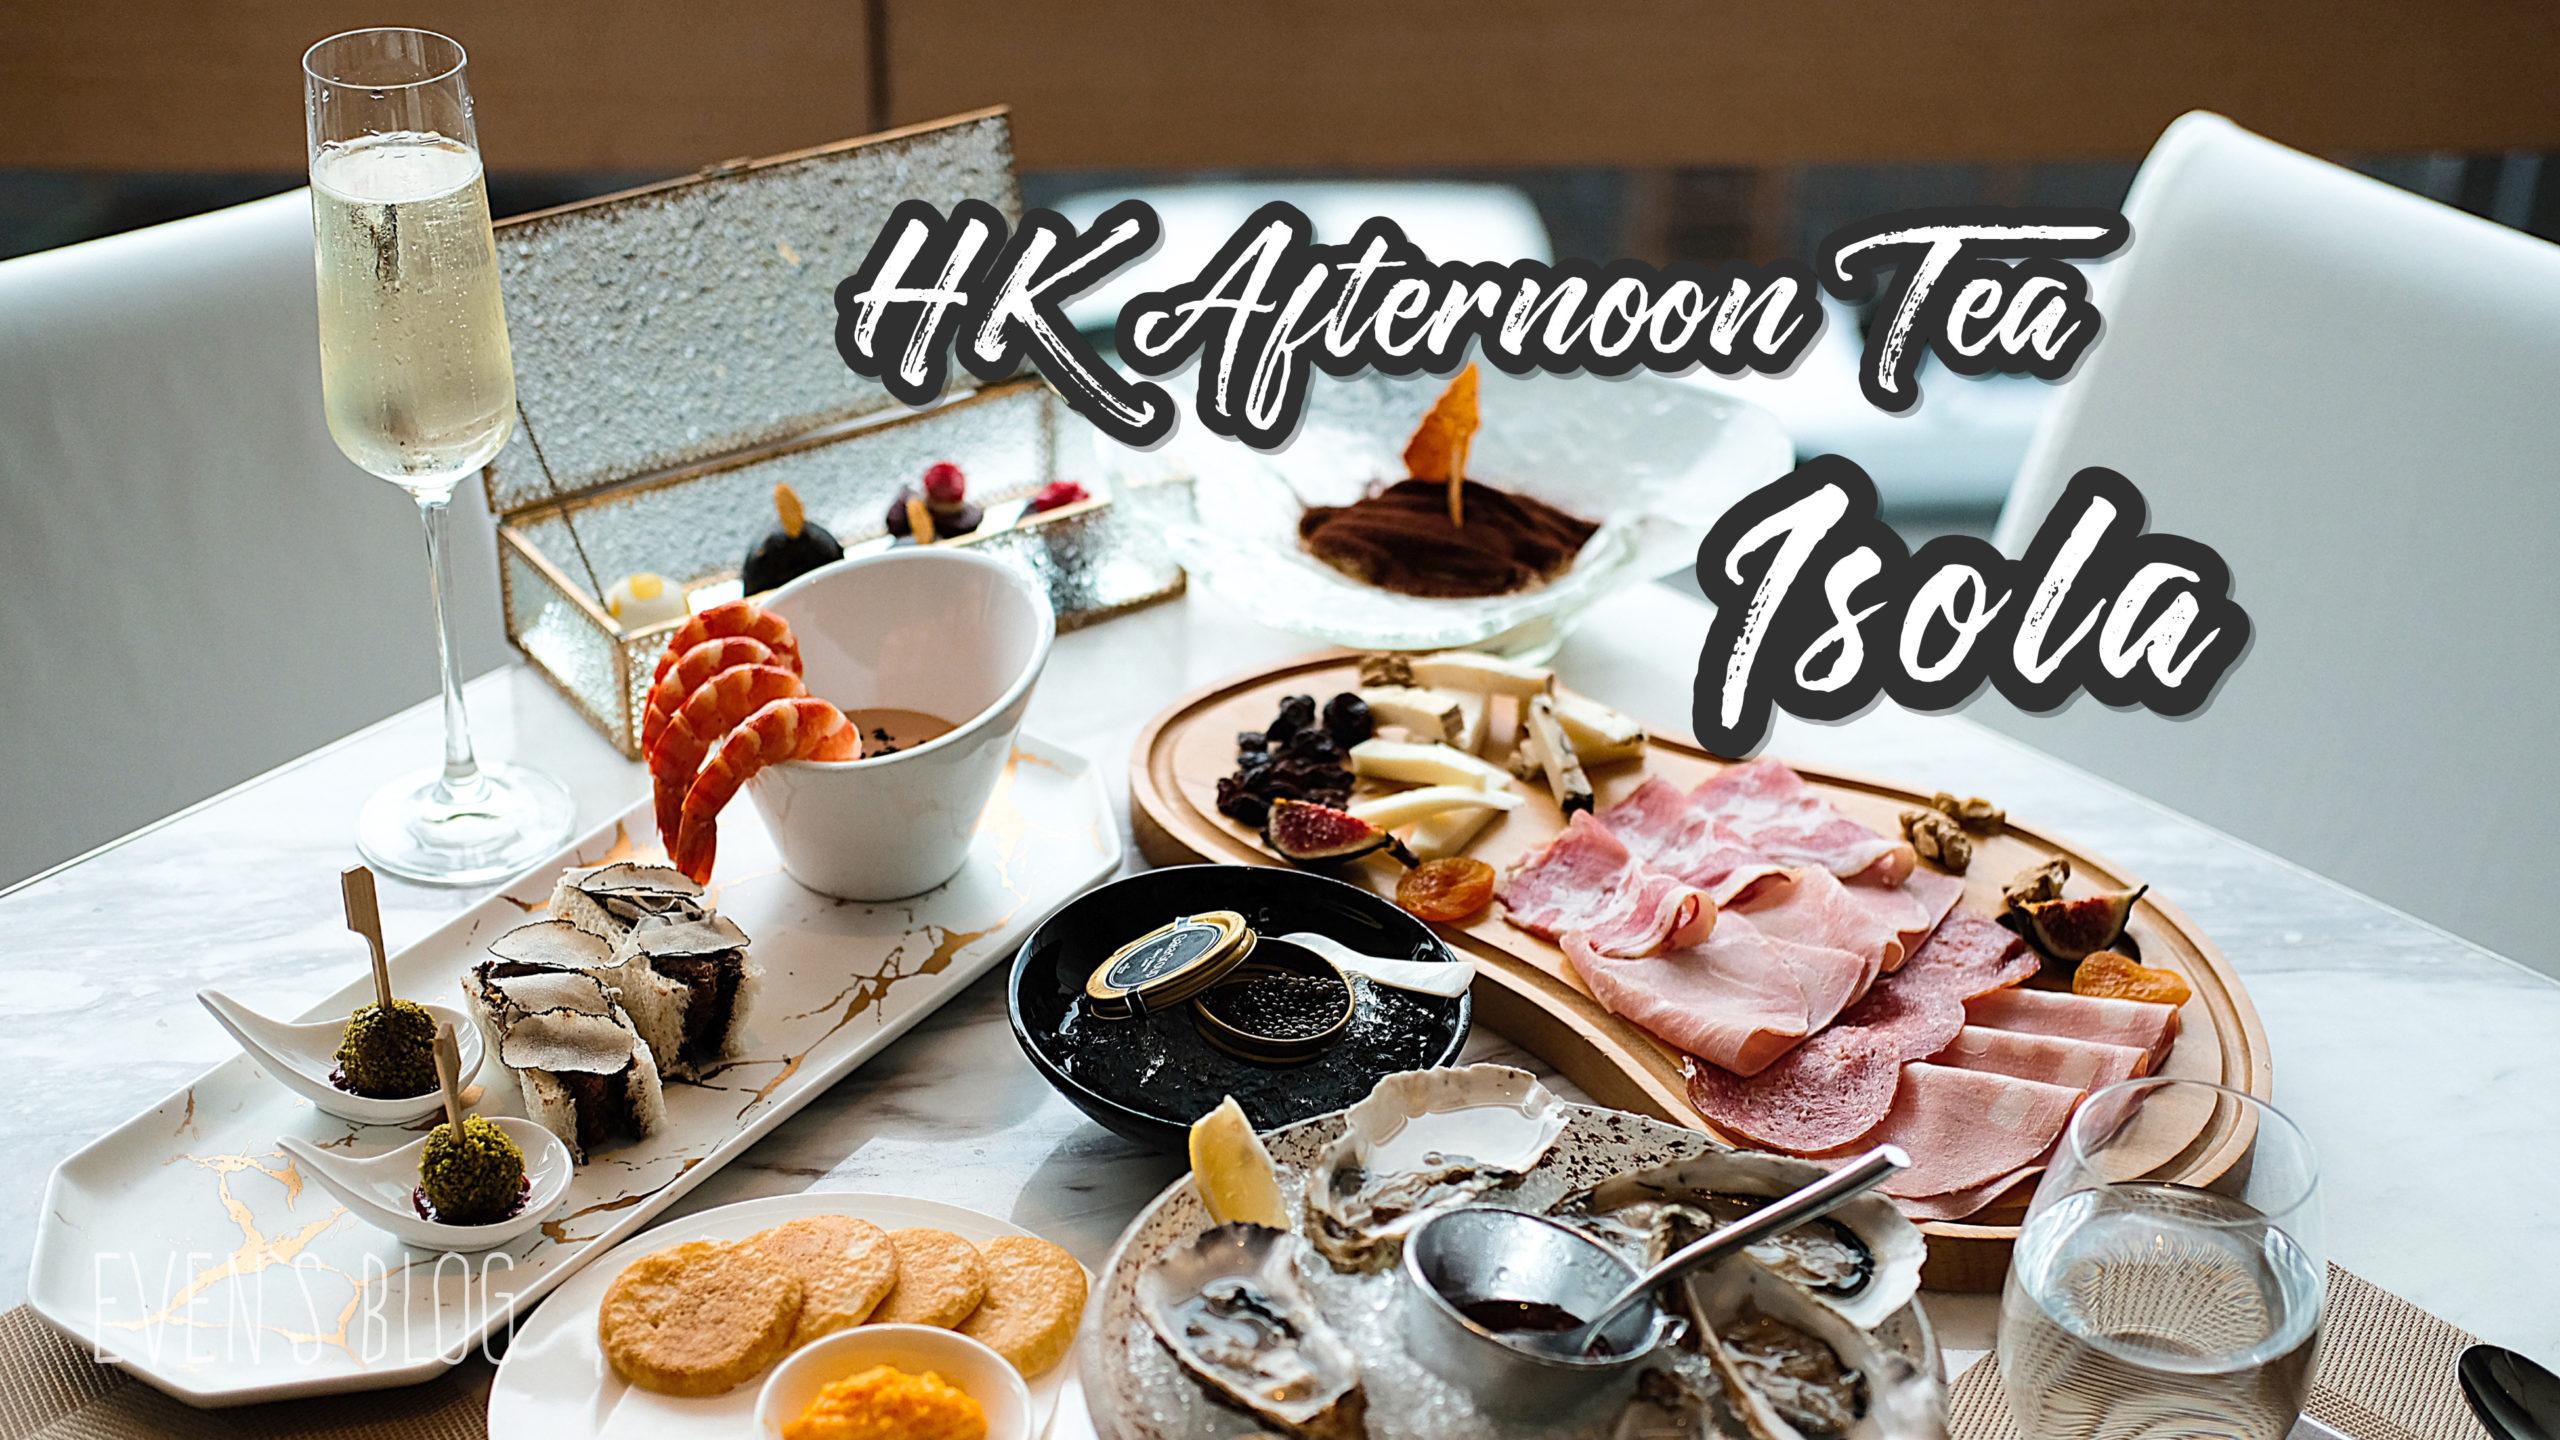 中環美食、中環下午茶、香港下午茶、香港必吃、香港美食、Even奕文玩食尚